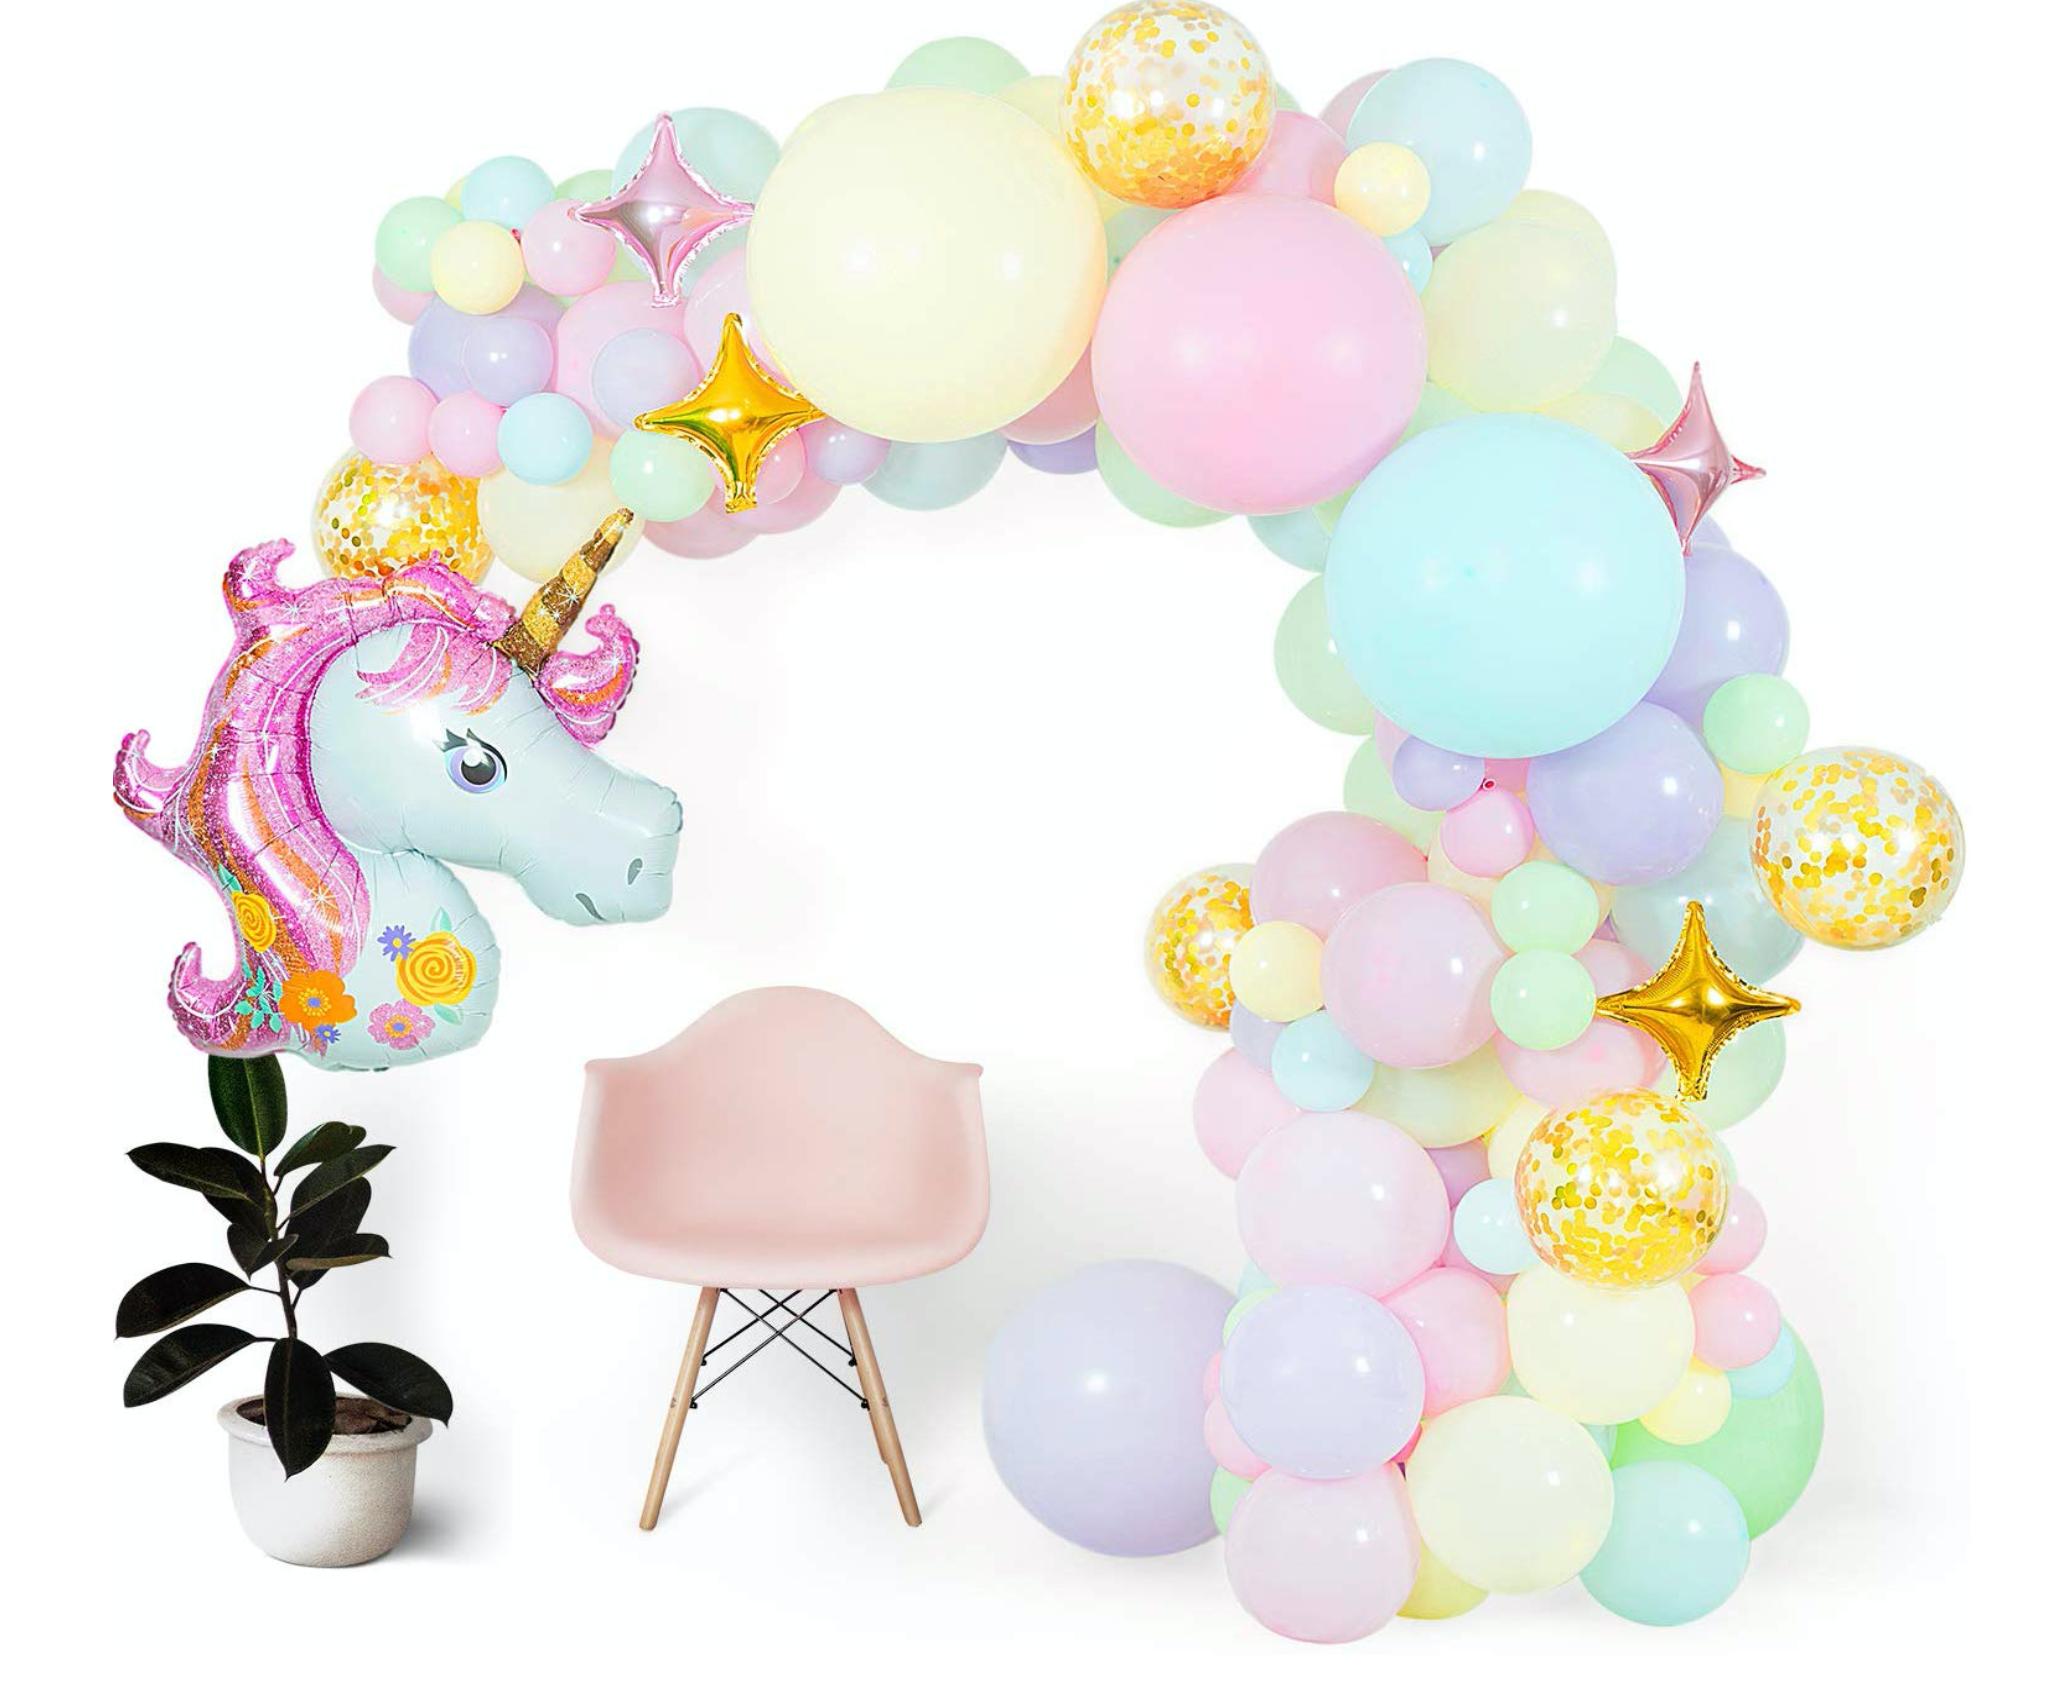 Details about  /Unicorn Party Range